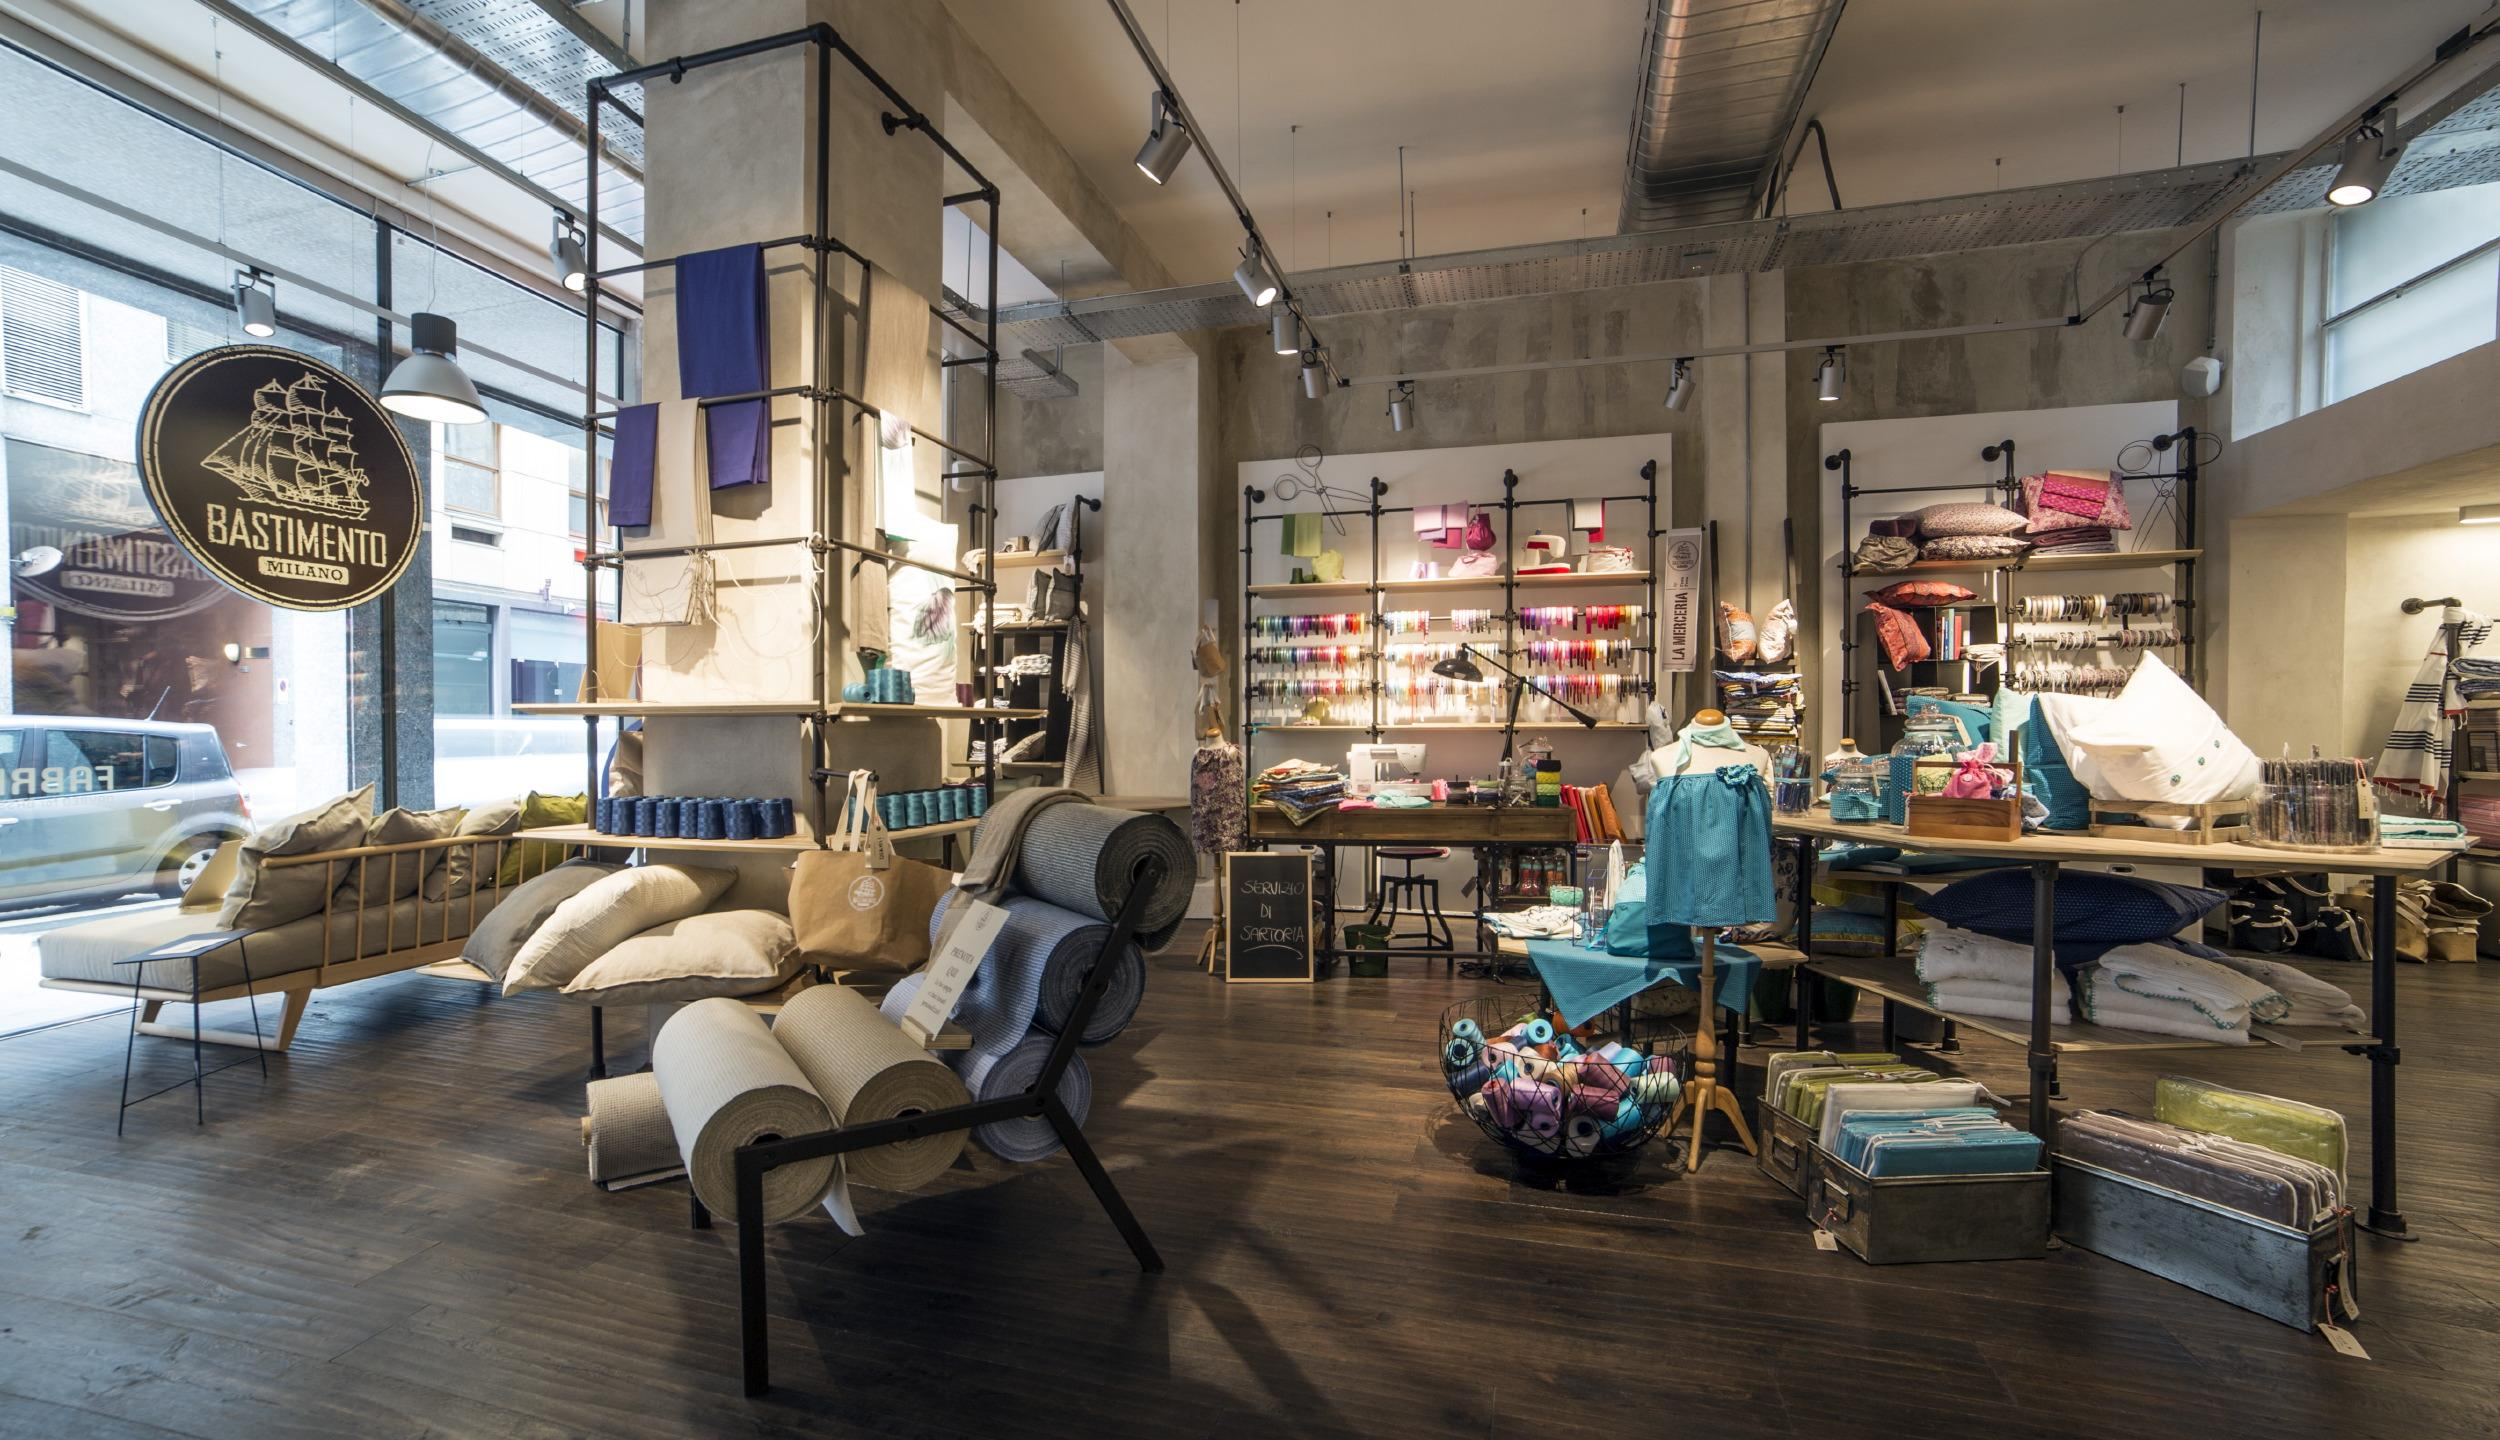 Negozio mobili milano excellent arredamento negozi with for Negozi di arredamento economici